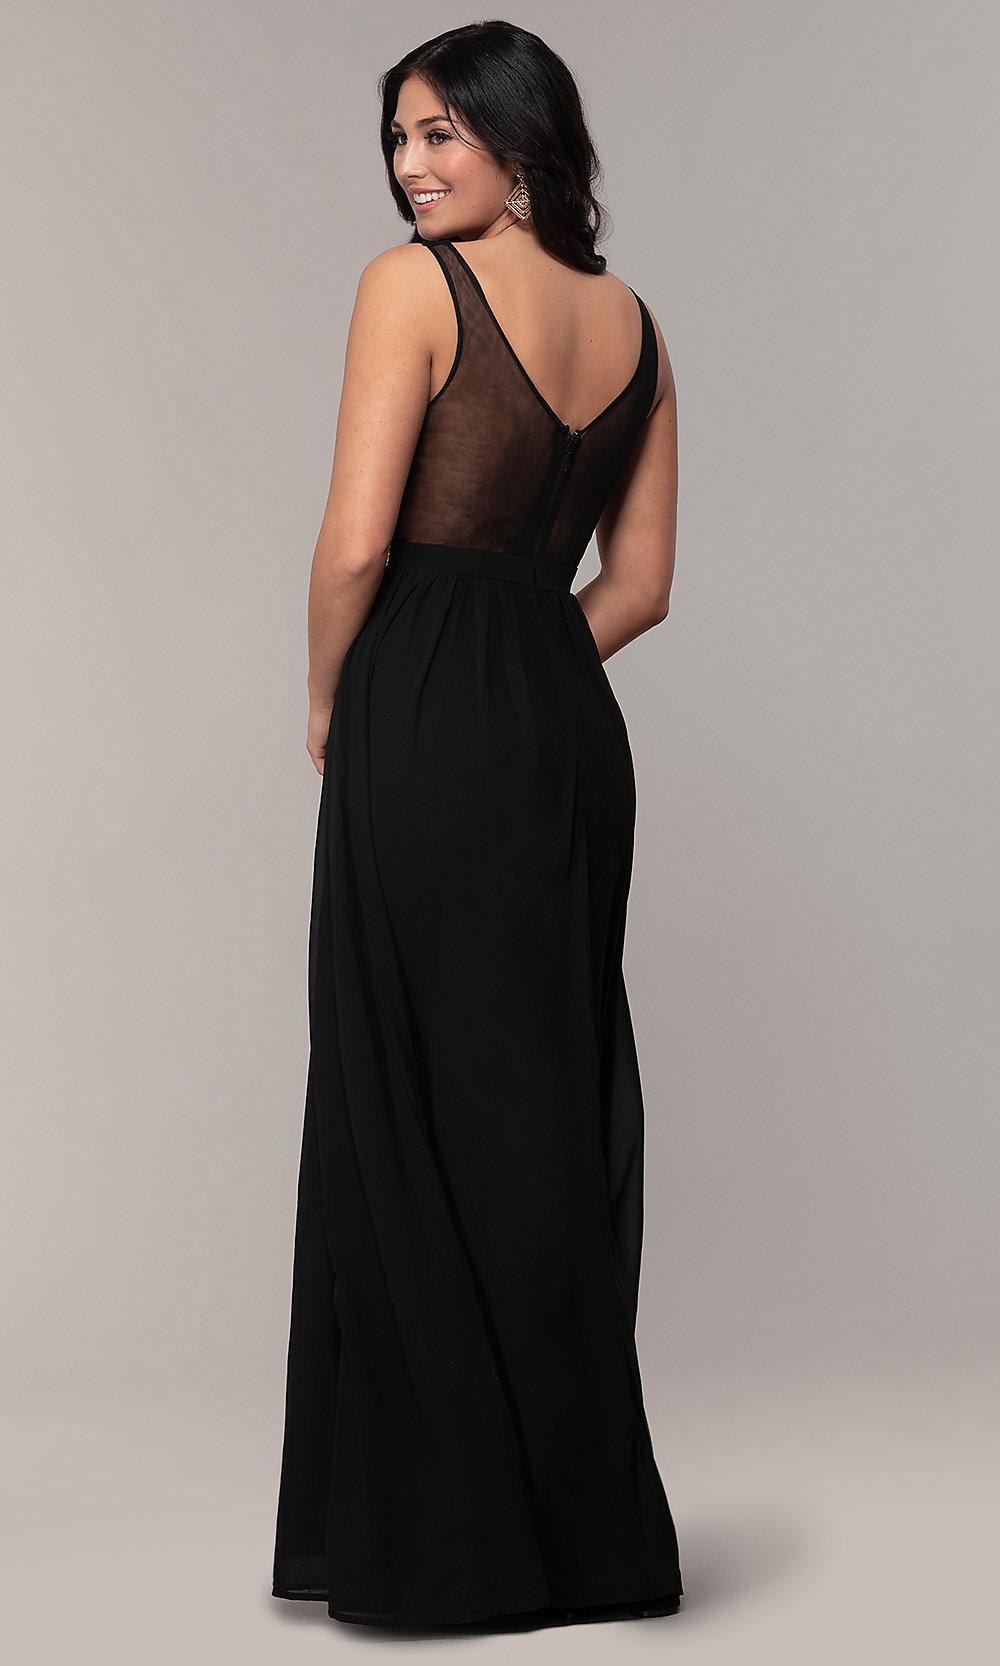 Long sequin embellished black prom dress back-side